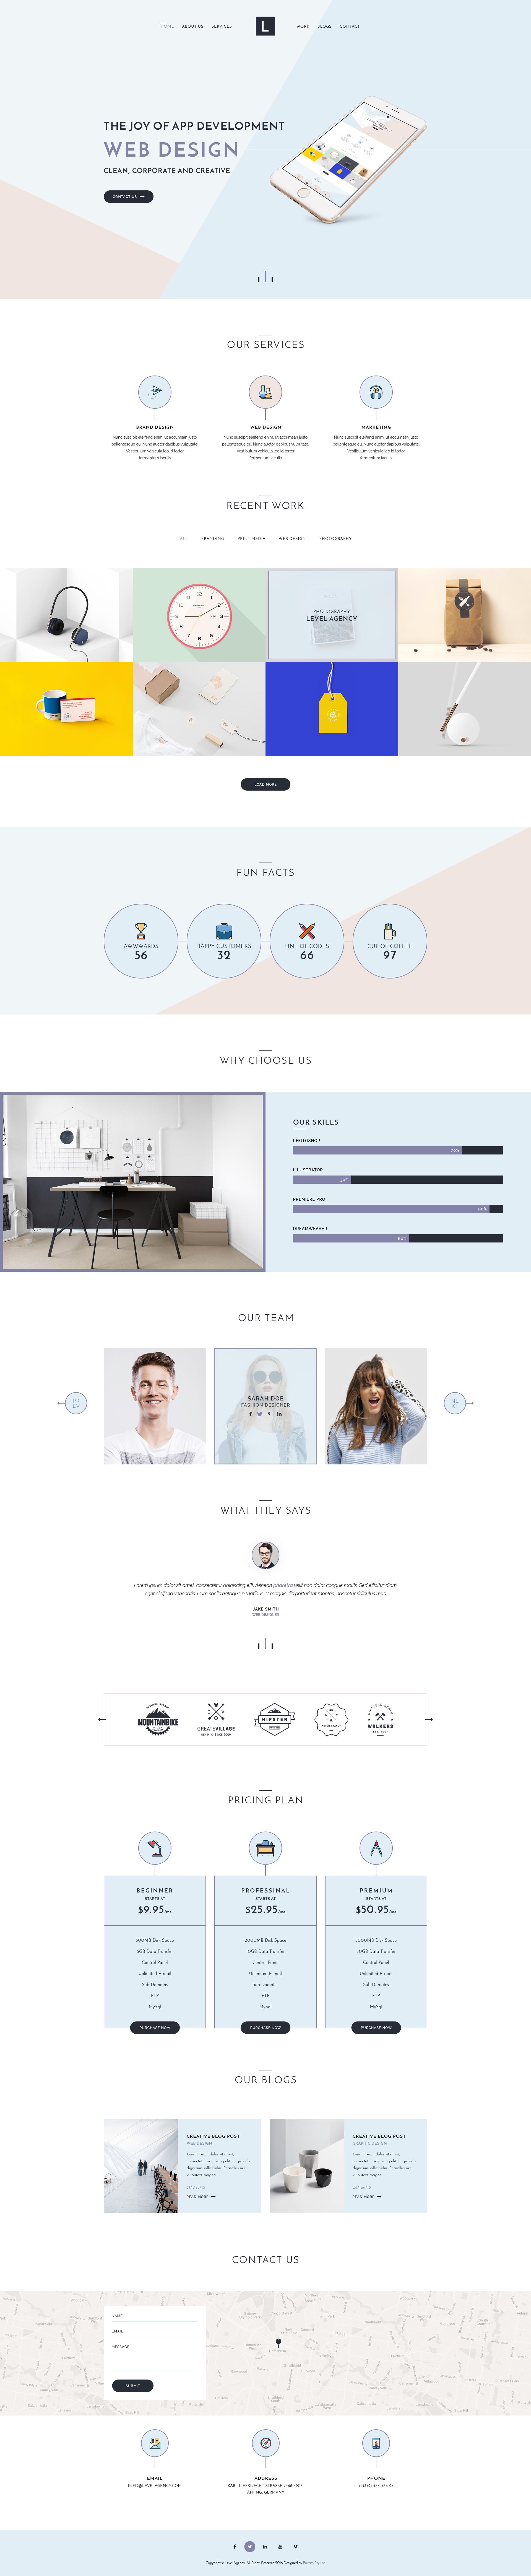 osCommerce VS Magento VS OpenCart VS Zen Cart -